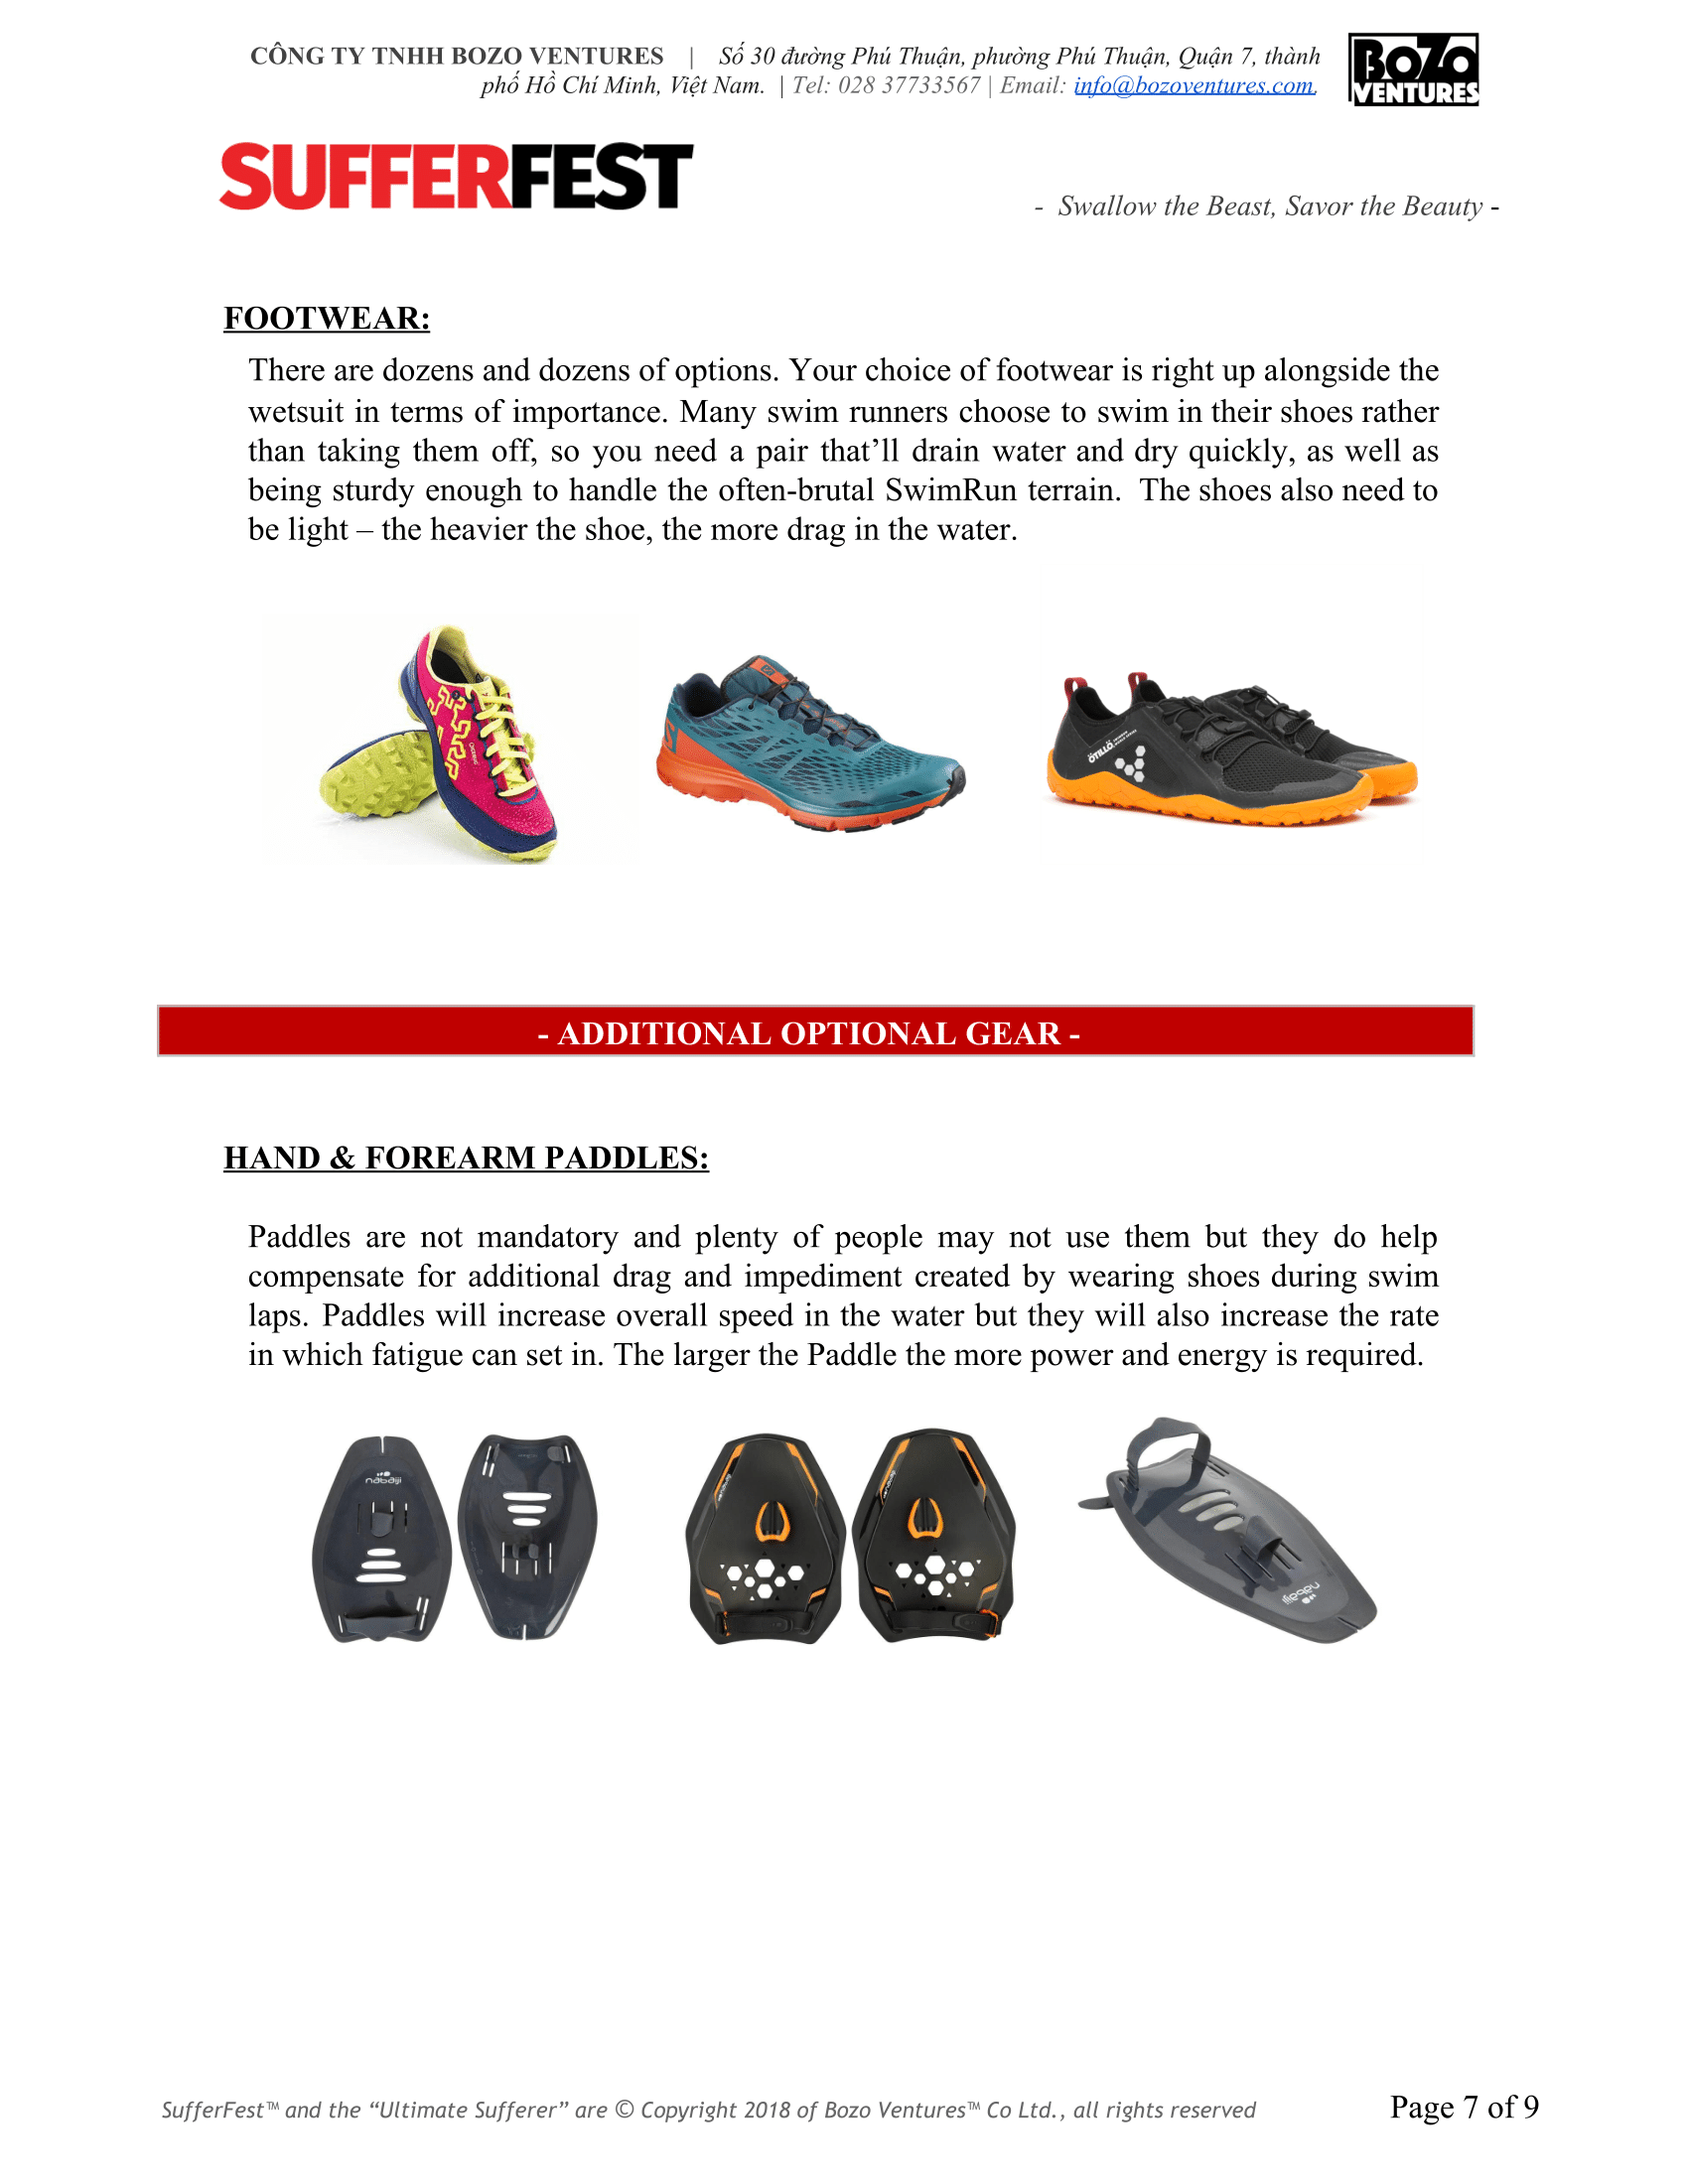 [ENG] SufferFest™ - SwimRun Gear Guide -7.png